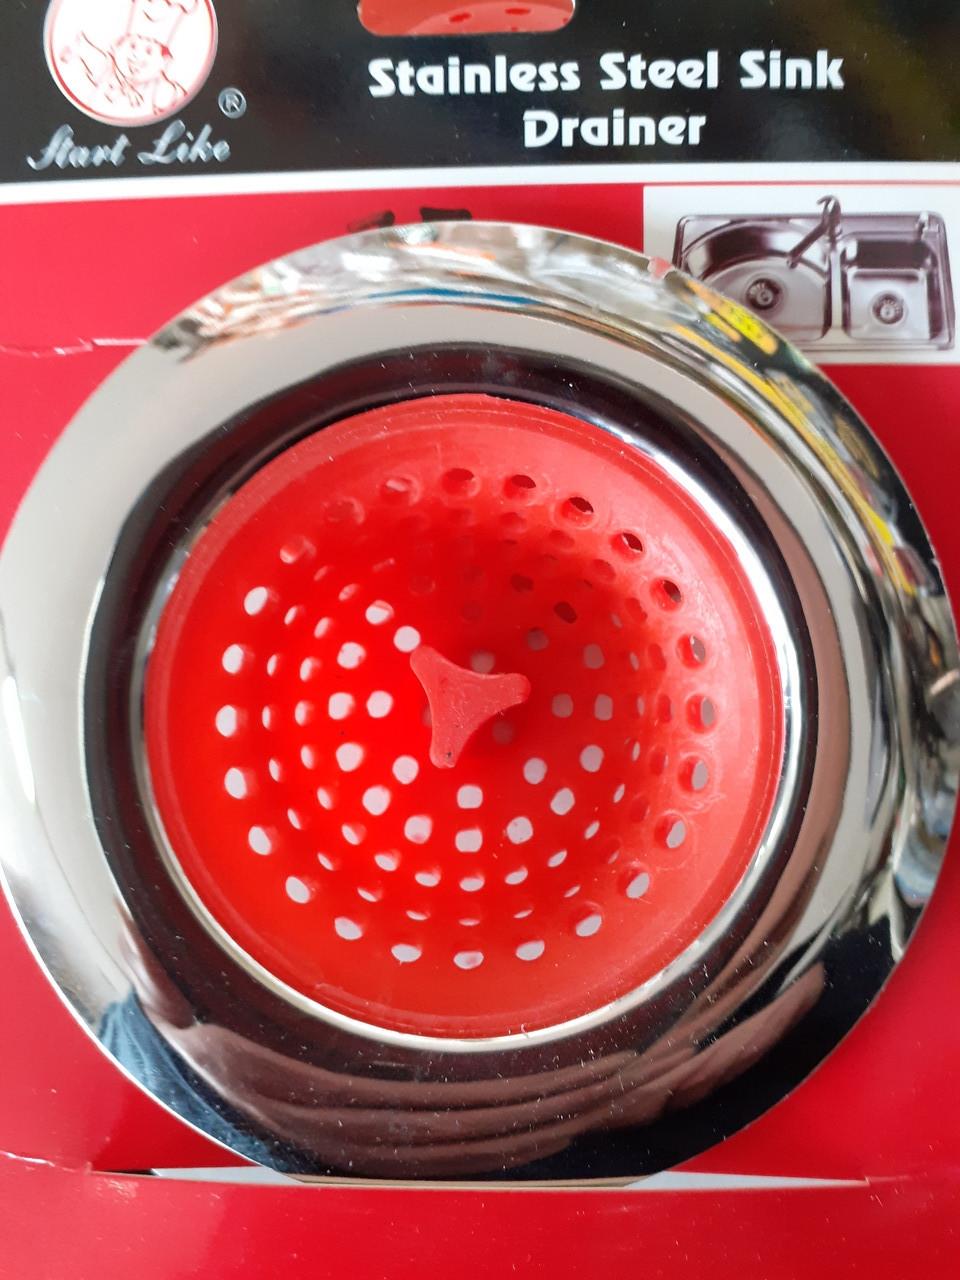 Сіточка для збору сміття в раковину ( Ситечко для раковини ) 11*75 мм, нержавіюча сталь хромована (BKL 1161 - 41